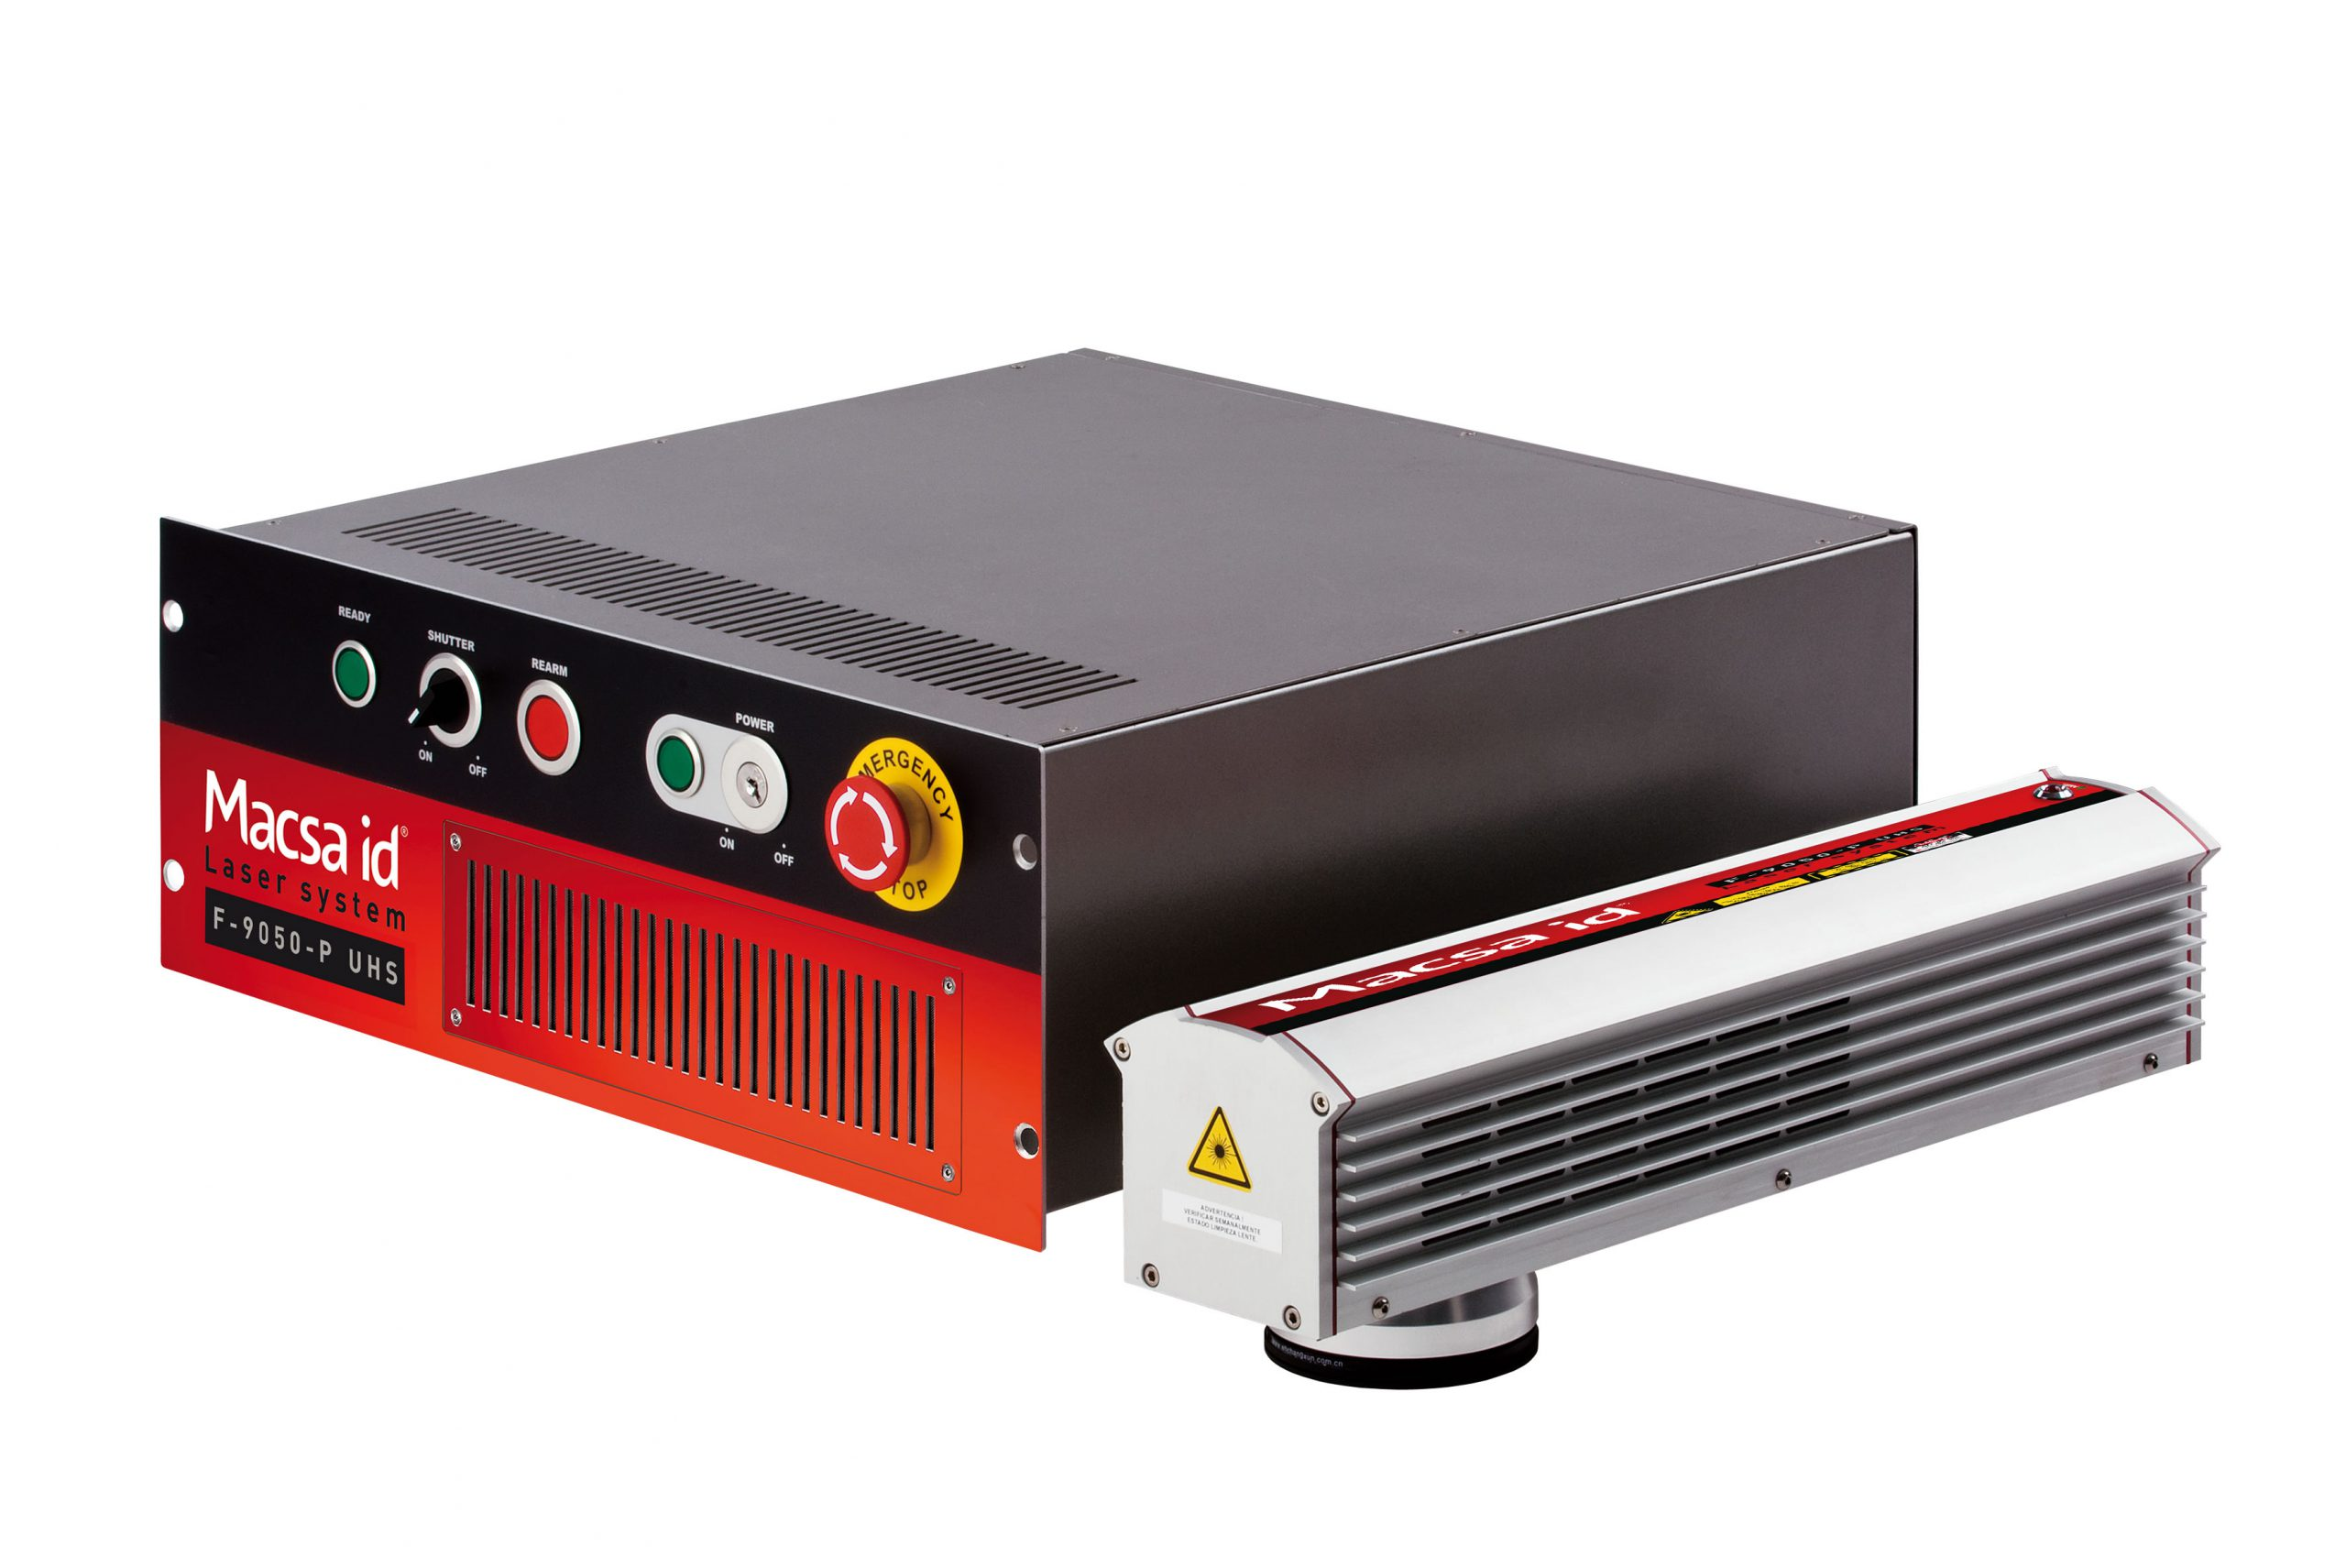 Macsa id laser F serie